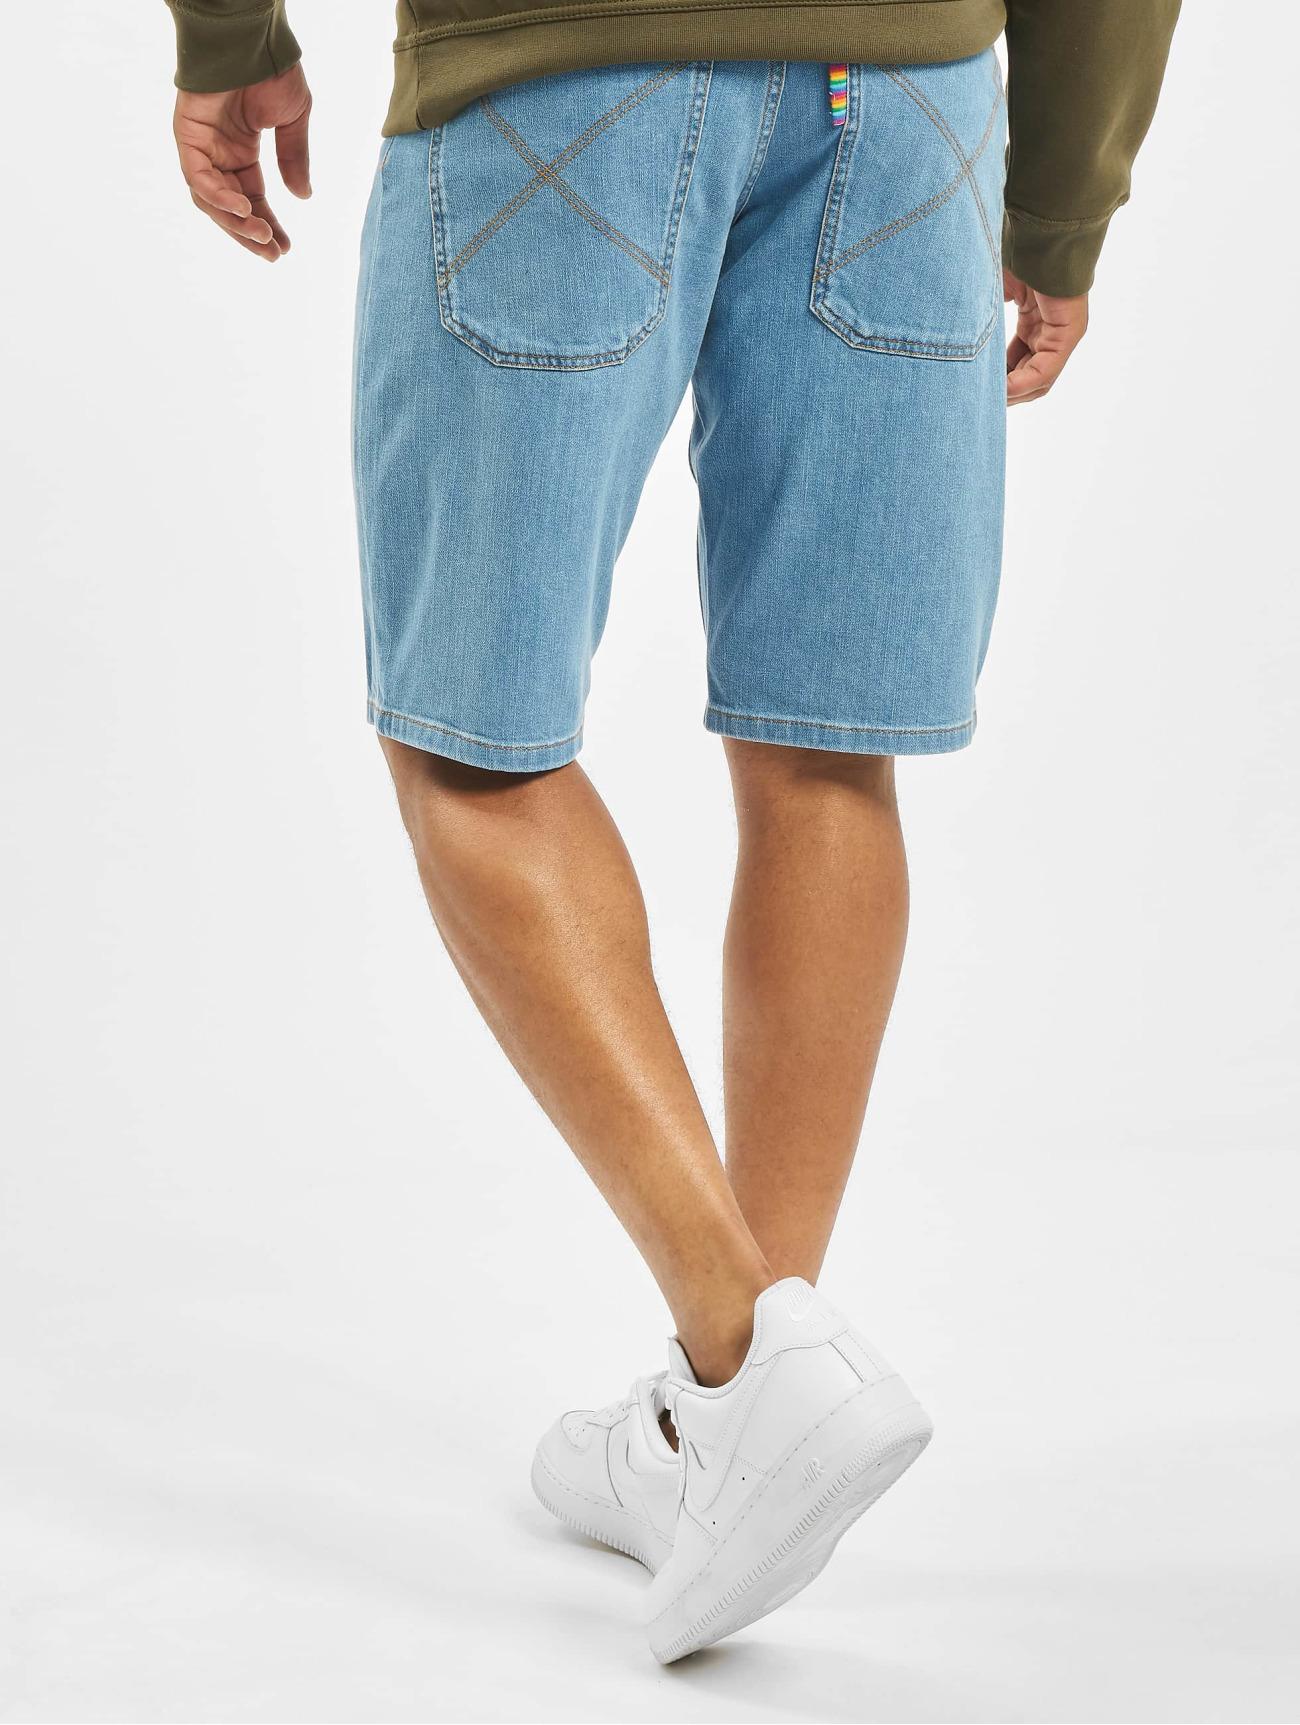 Homeboy  X-Tra  bleu Homme Short  707298 Homme Pantalons & Shorts